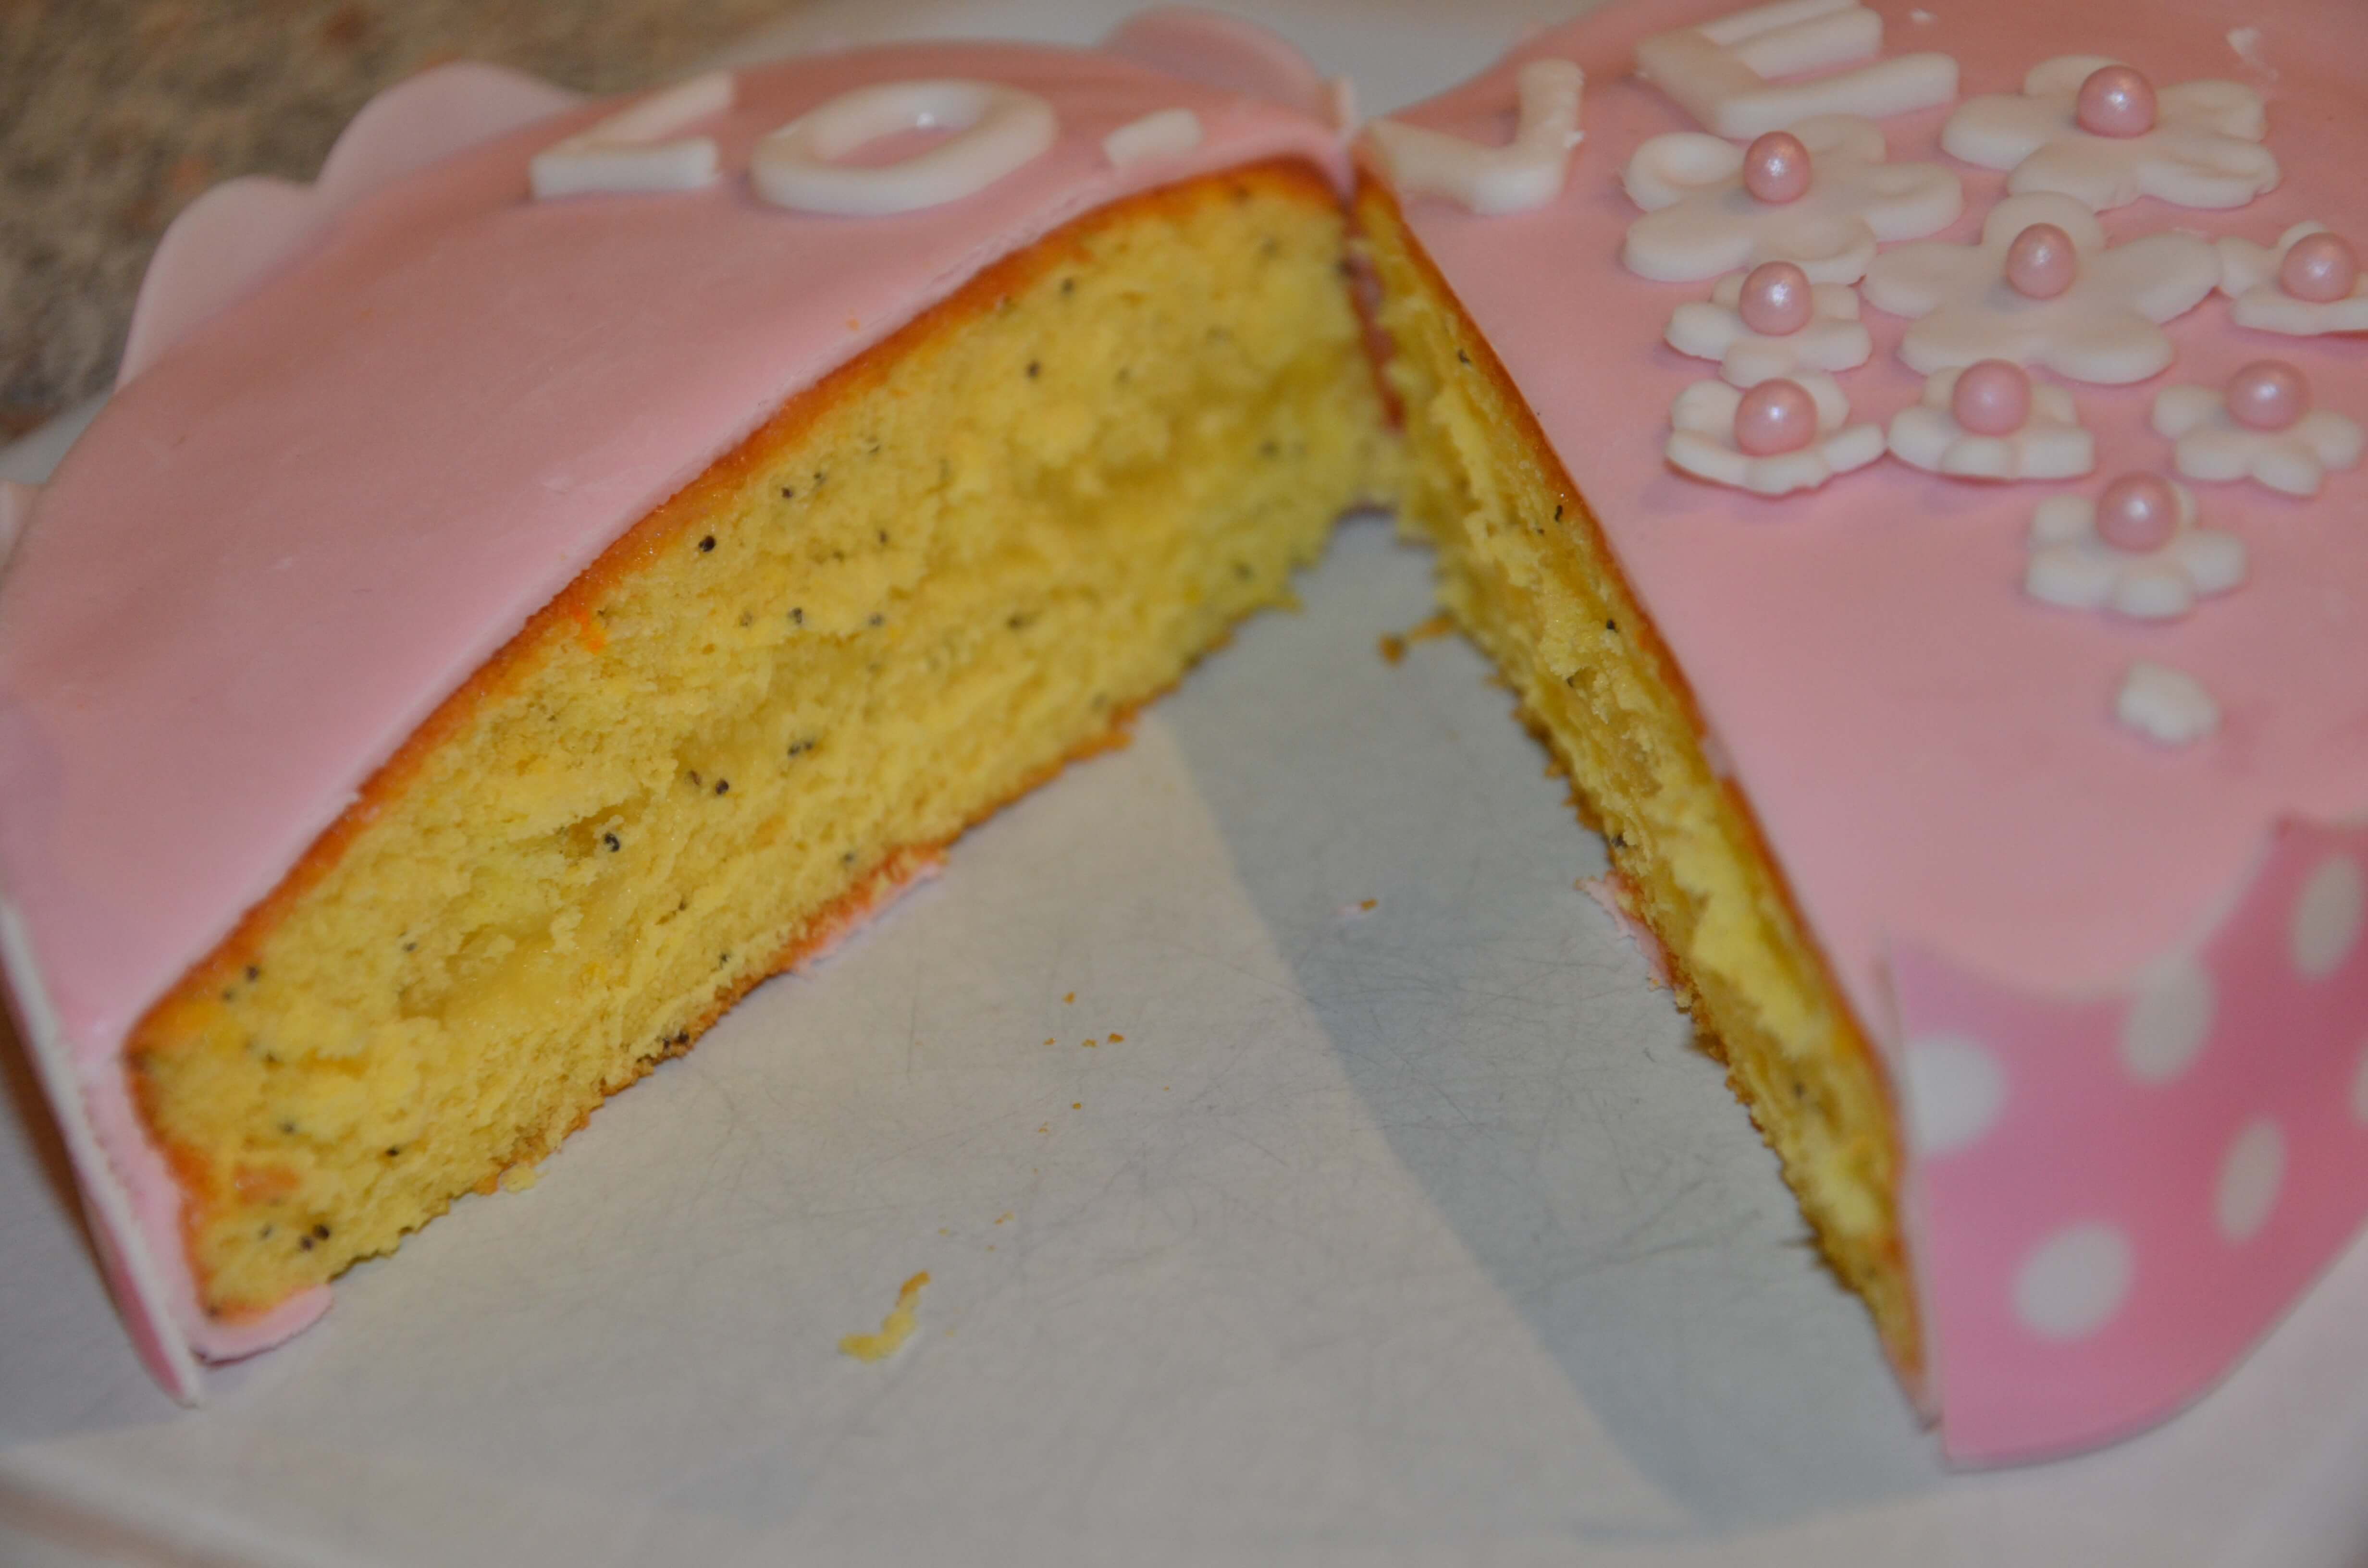 Cake Design Recette Genoise : Genoise citron et graine de pavot - SevenCuisine